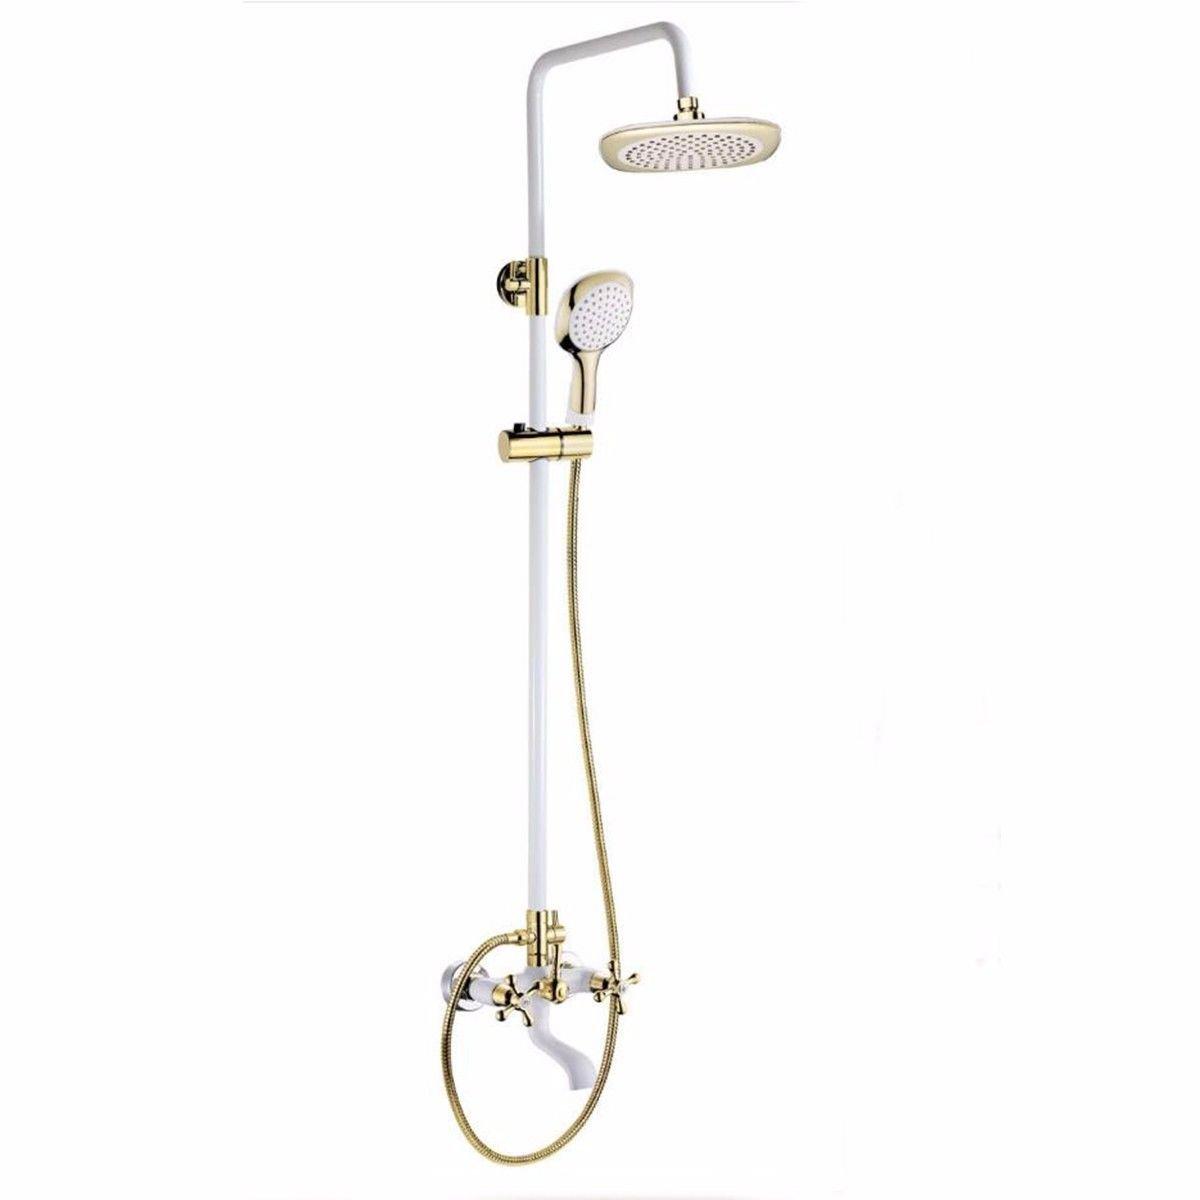 Suministros de limpieza y saneamiento YSRBath Modernos Grifos del Fregadero del Cuarto de baño Giratorio Negro Negro de Agua fría y Caliente Cocina Mezclador Grifos de Lavabo Accesorios de baño